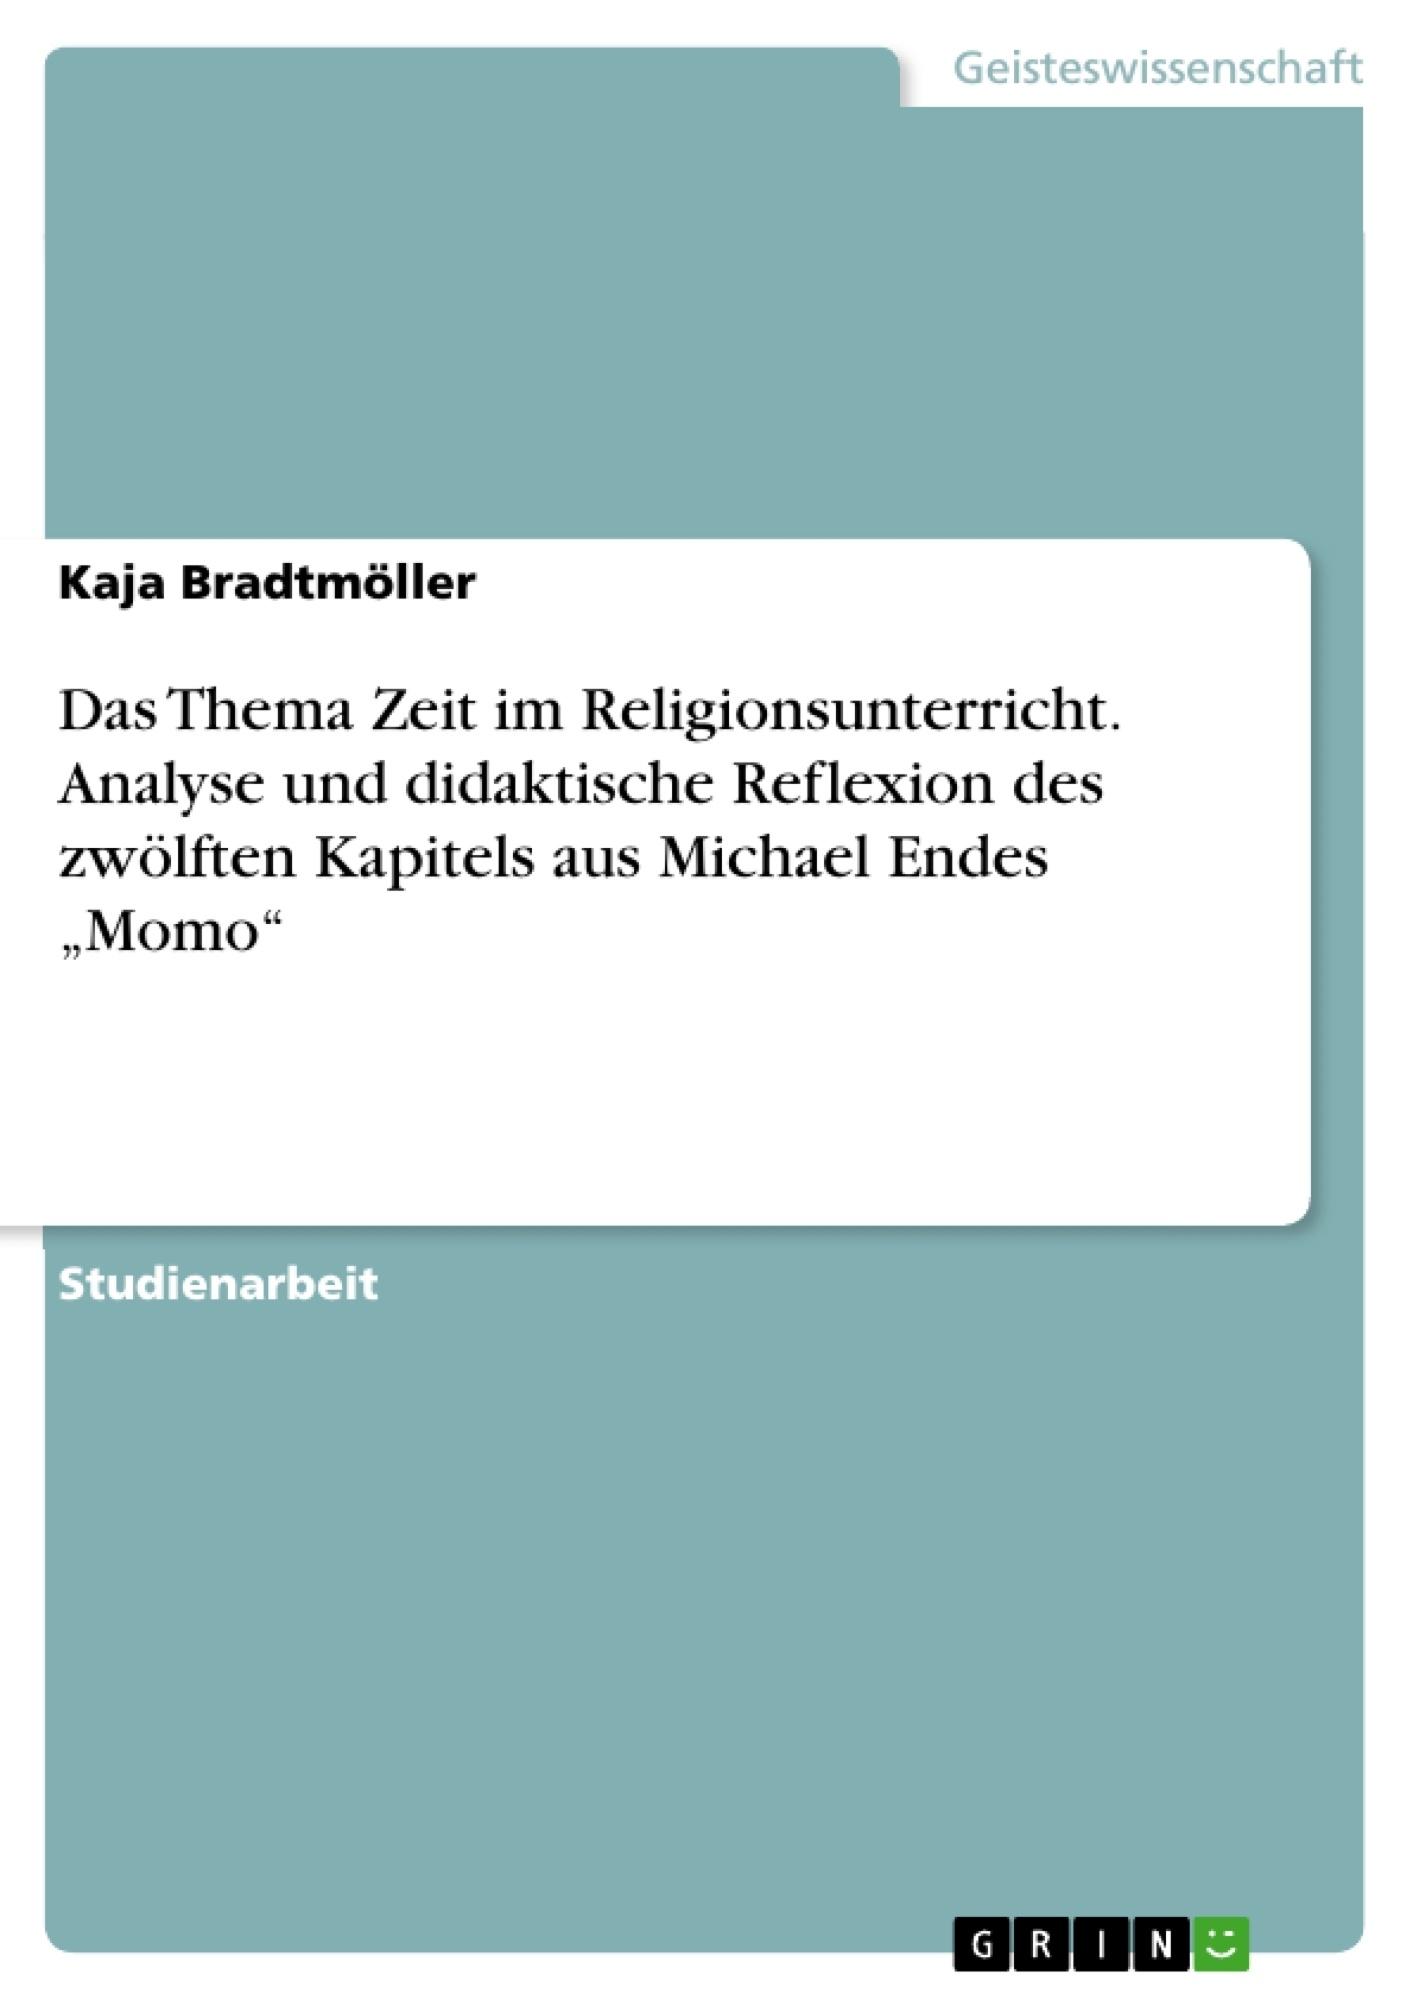 """Titel: Das Thema Zeit im Religionsunterricht. Analyse und didaktische Reflexion des zwölften Kapitels aus Michael Endes """"Momo"""""""